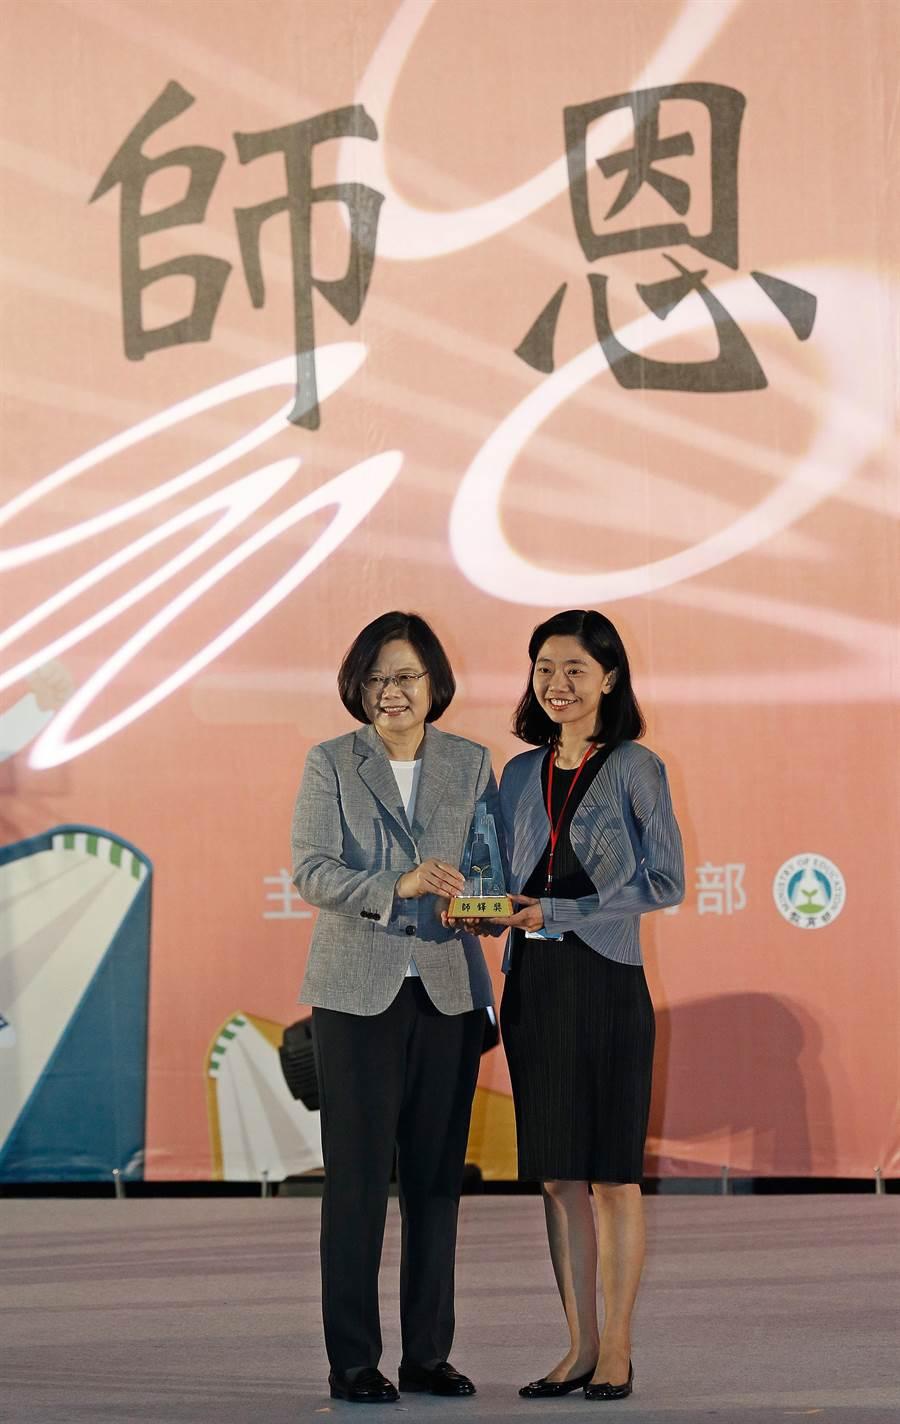 蔡英文總統(左)27日出席107年教師節表揚大會,頒發師鐸獎給印尼雅加達台灣學校教師江易蓉(右)。(張鎧乙攝)